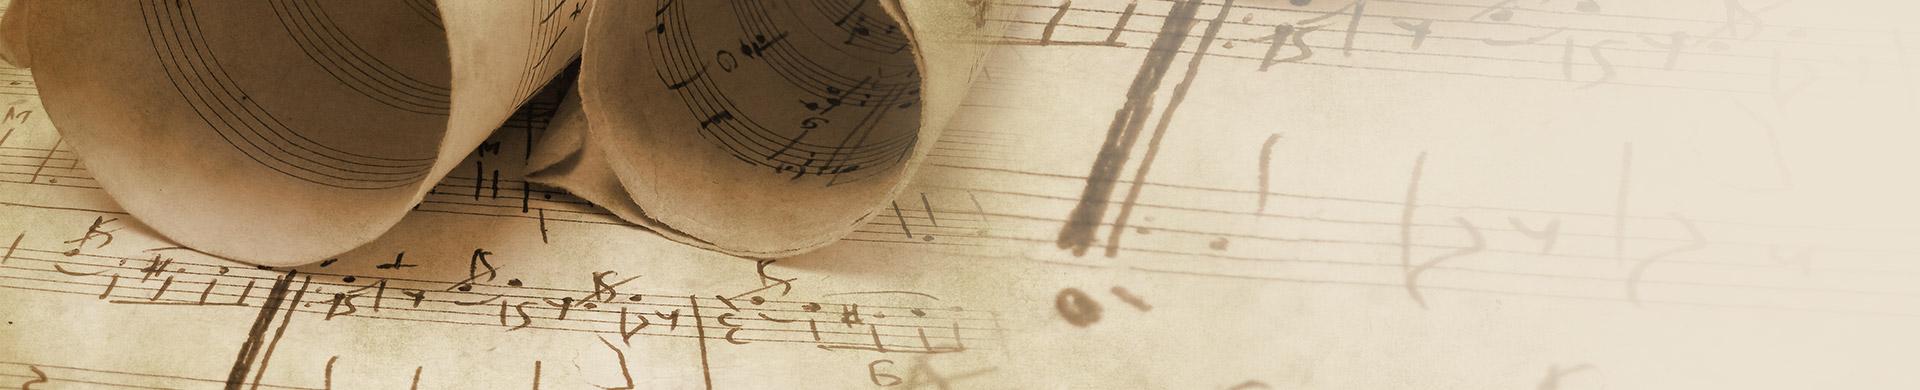 יצירת קשר - מוסיקה